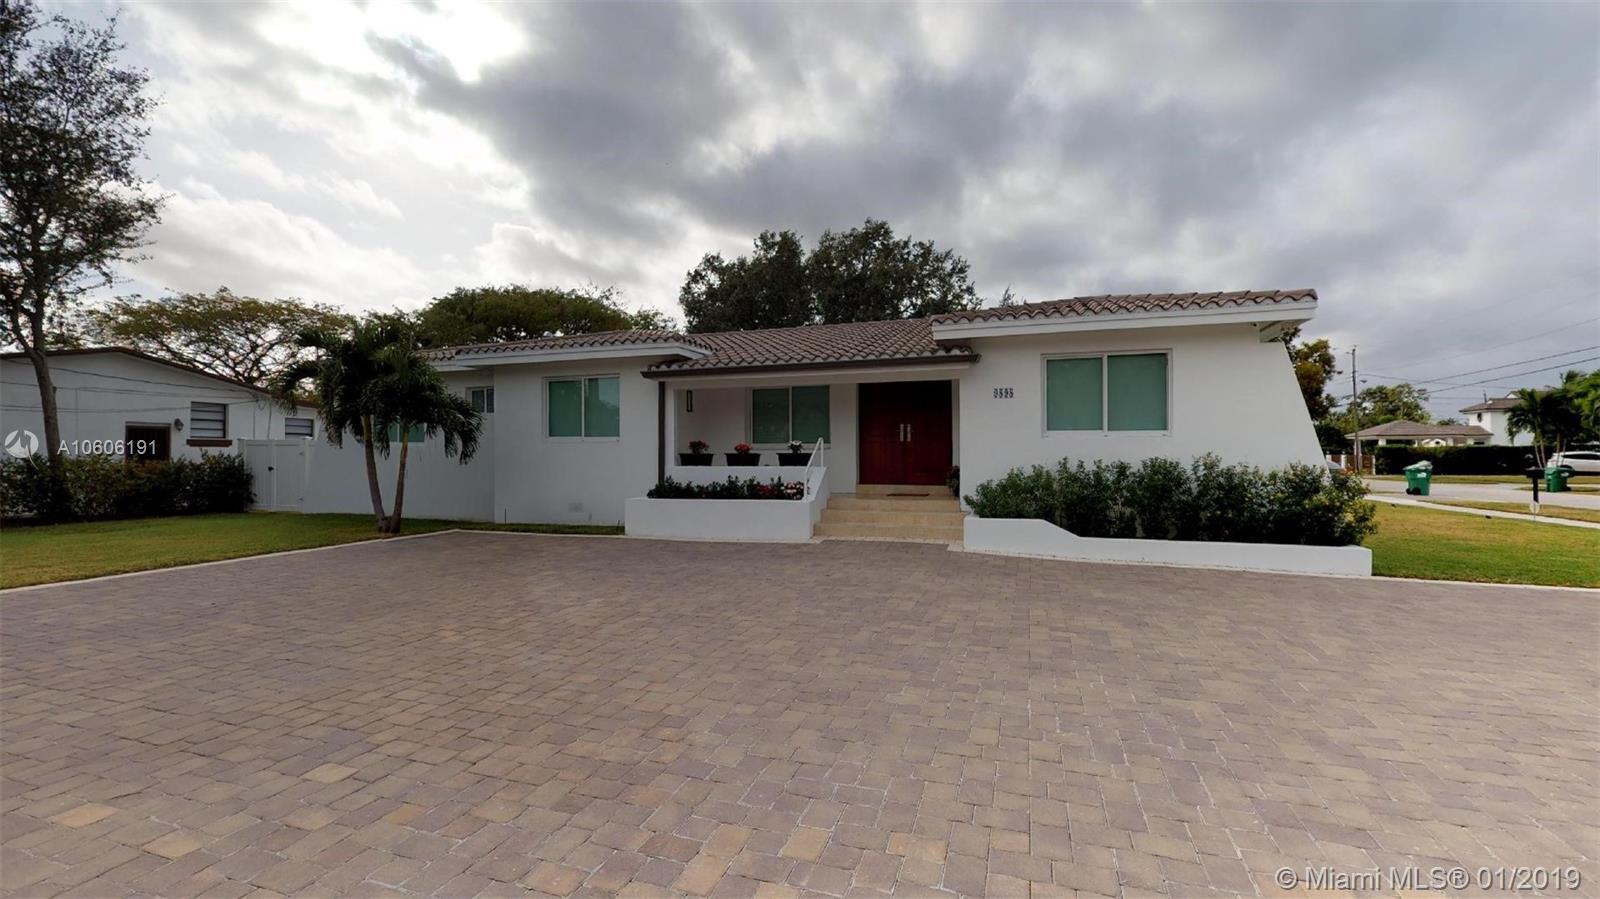 9898 SW 32nd St, Miami, FL 33165